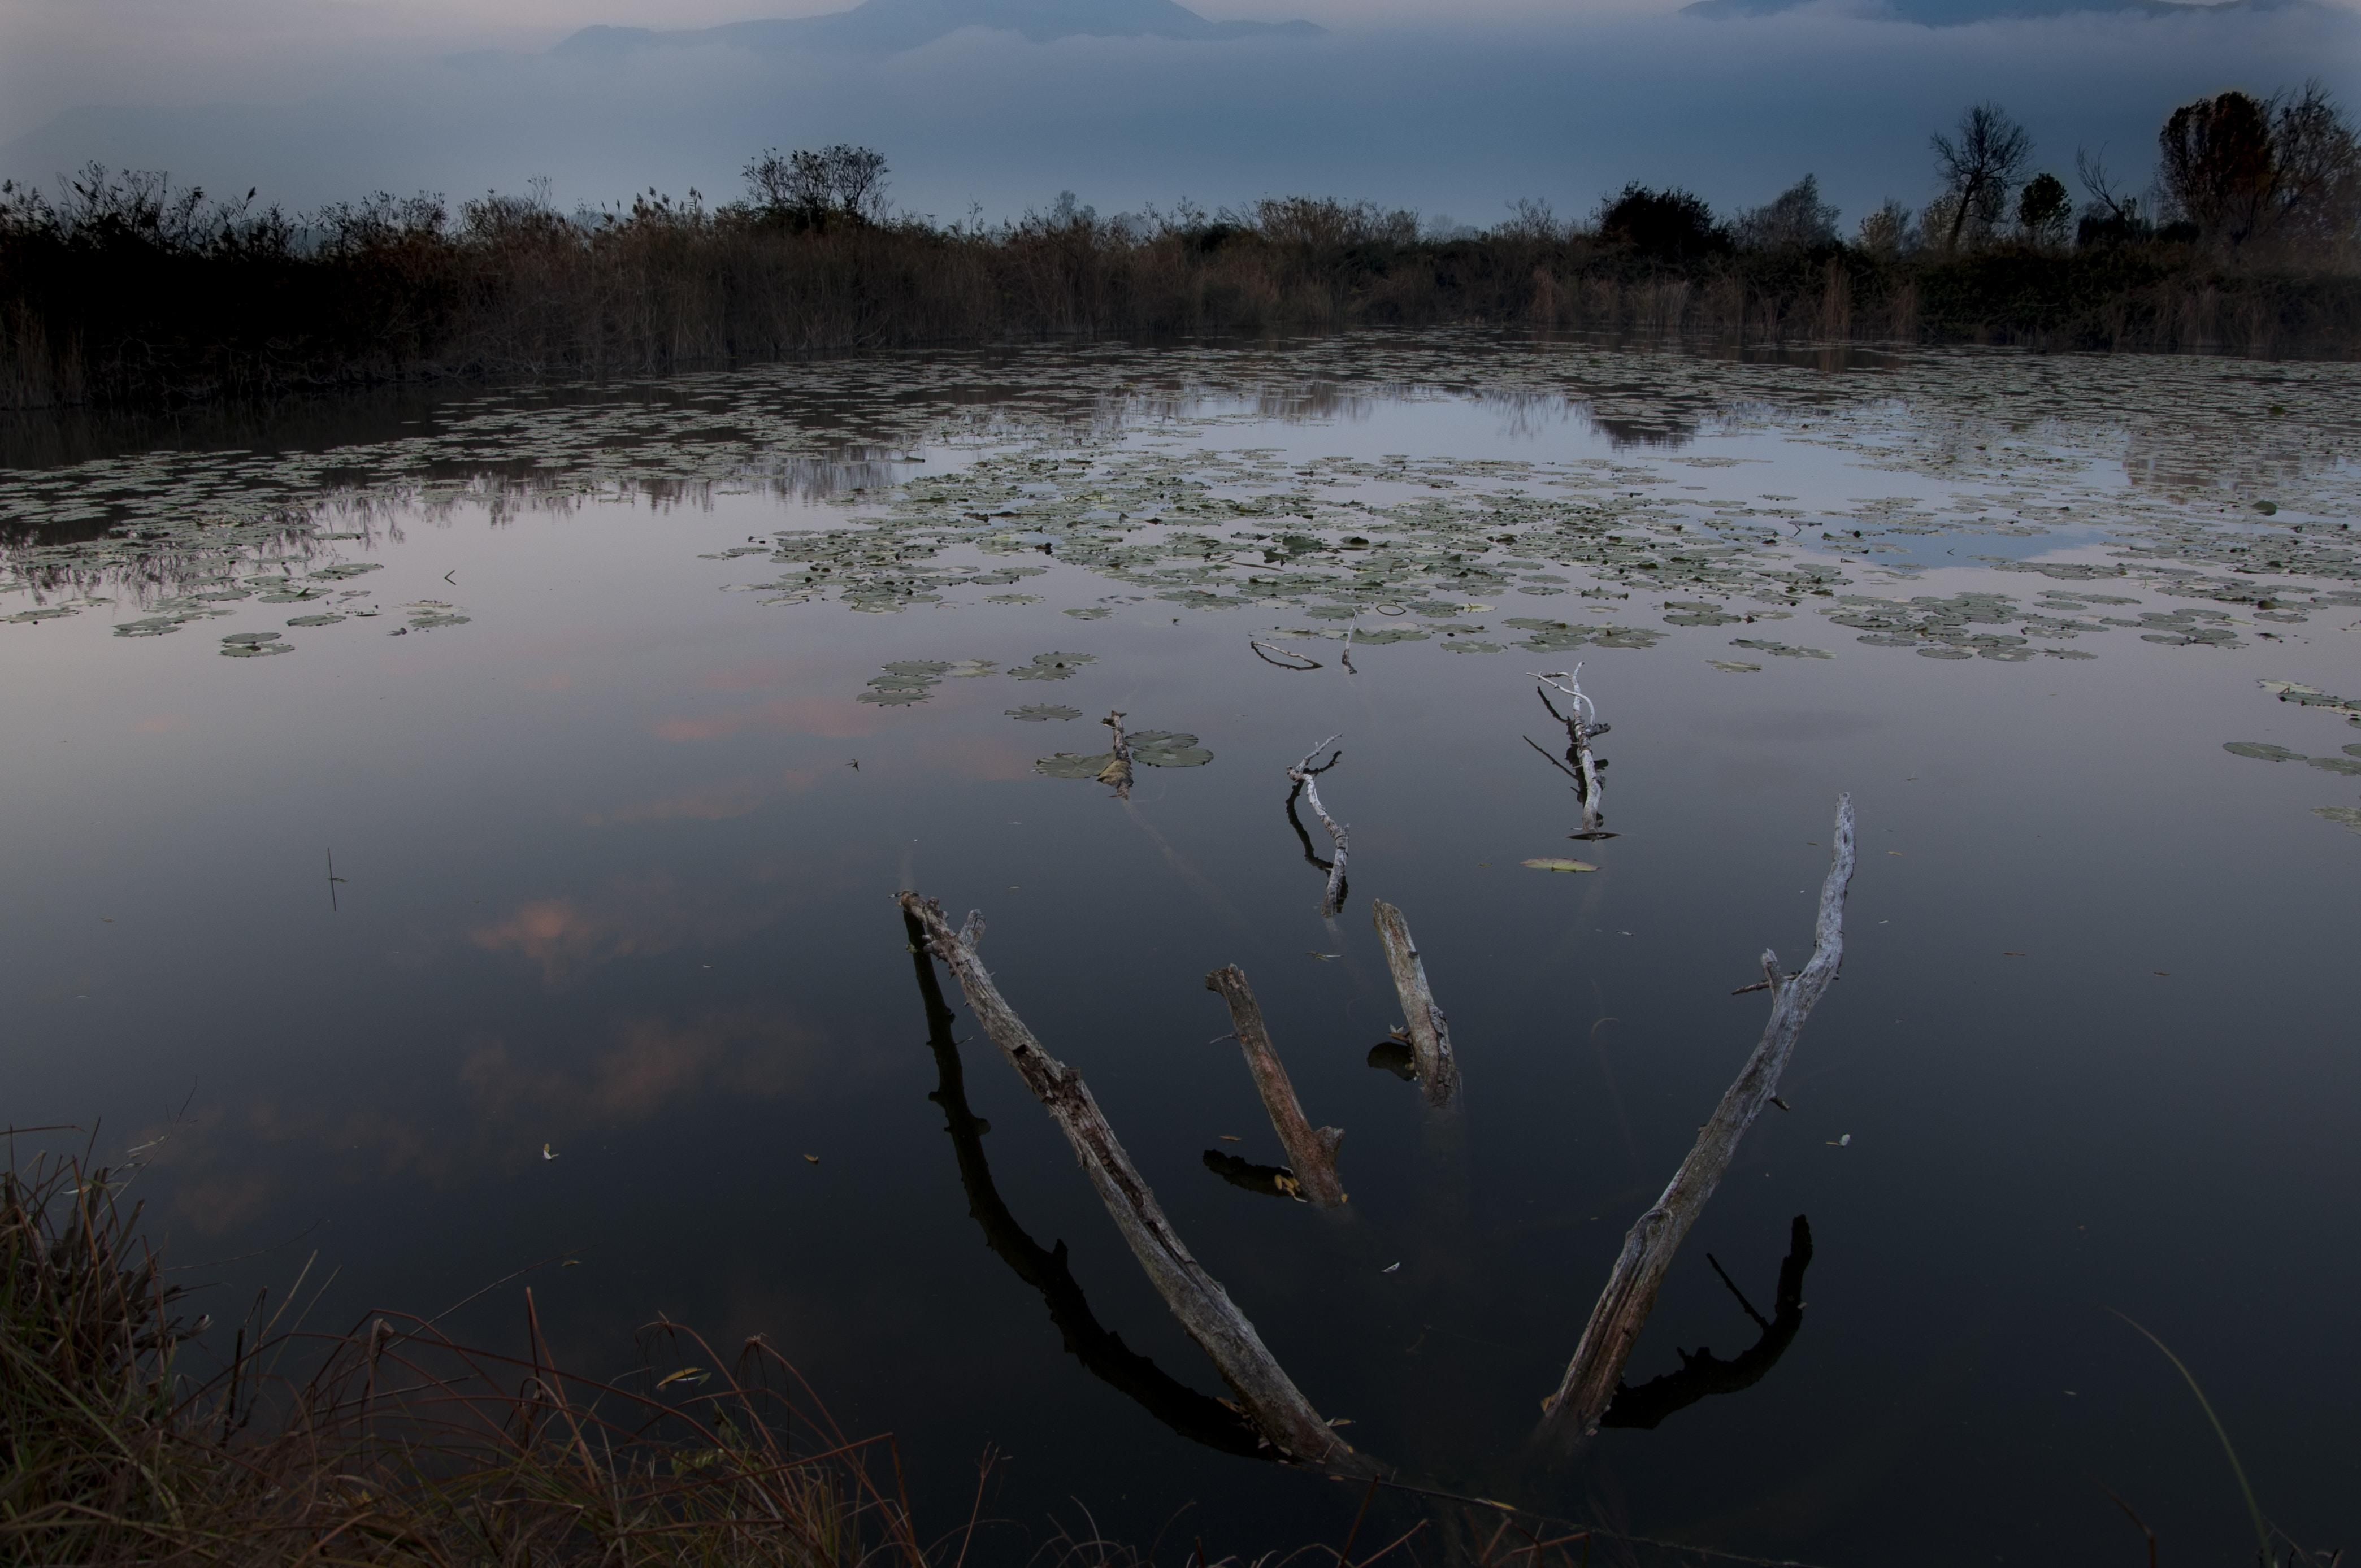 brown tree branches submerge on water taken at daytime